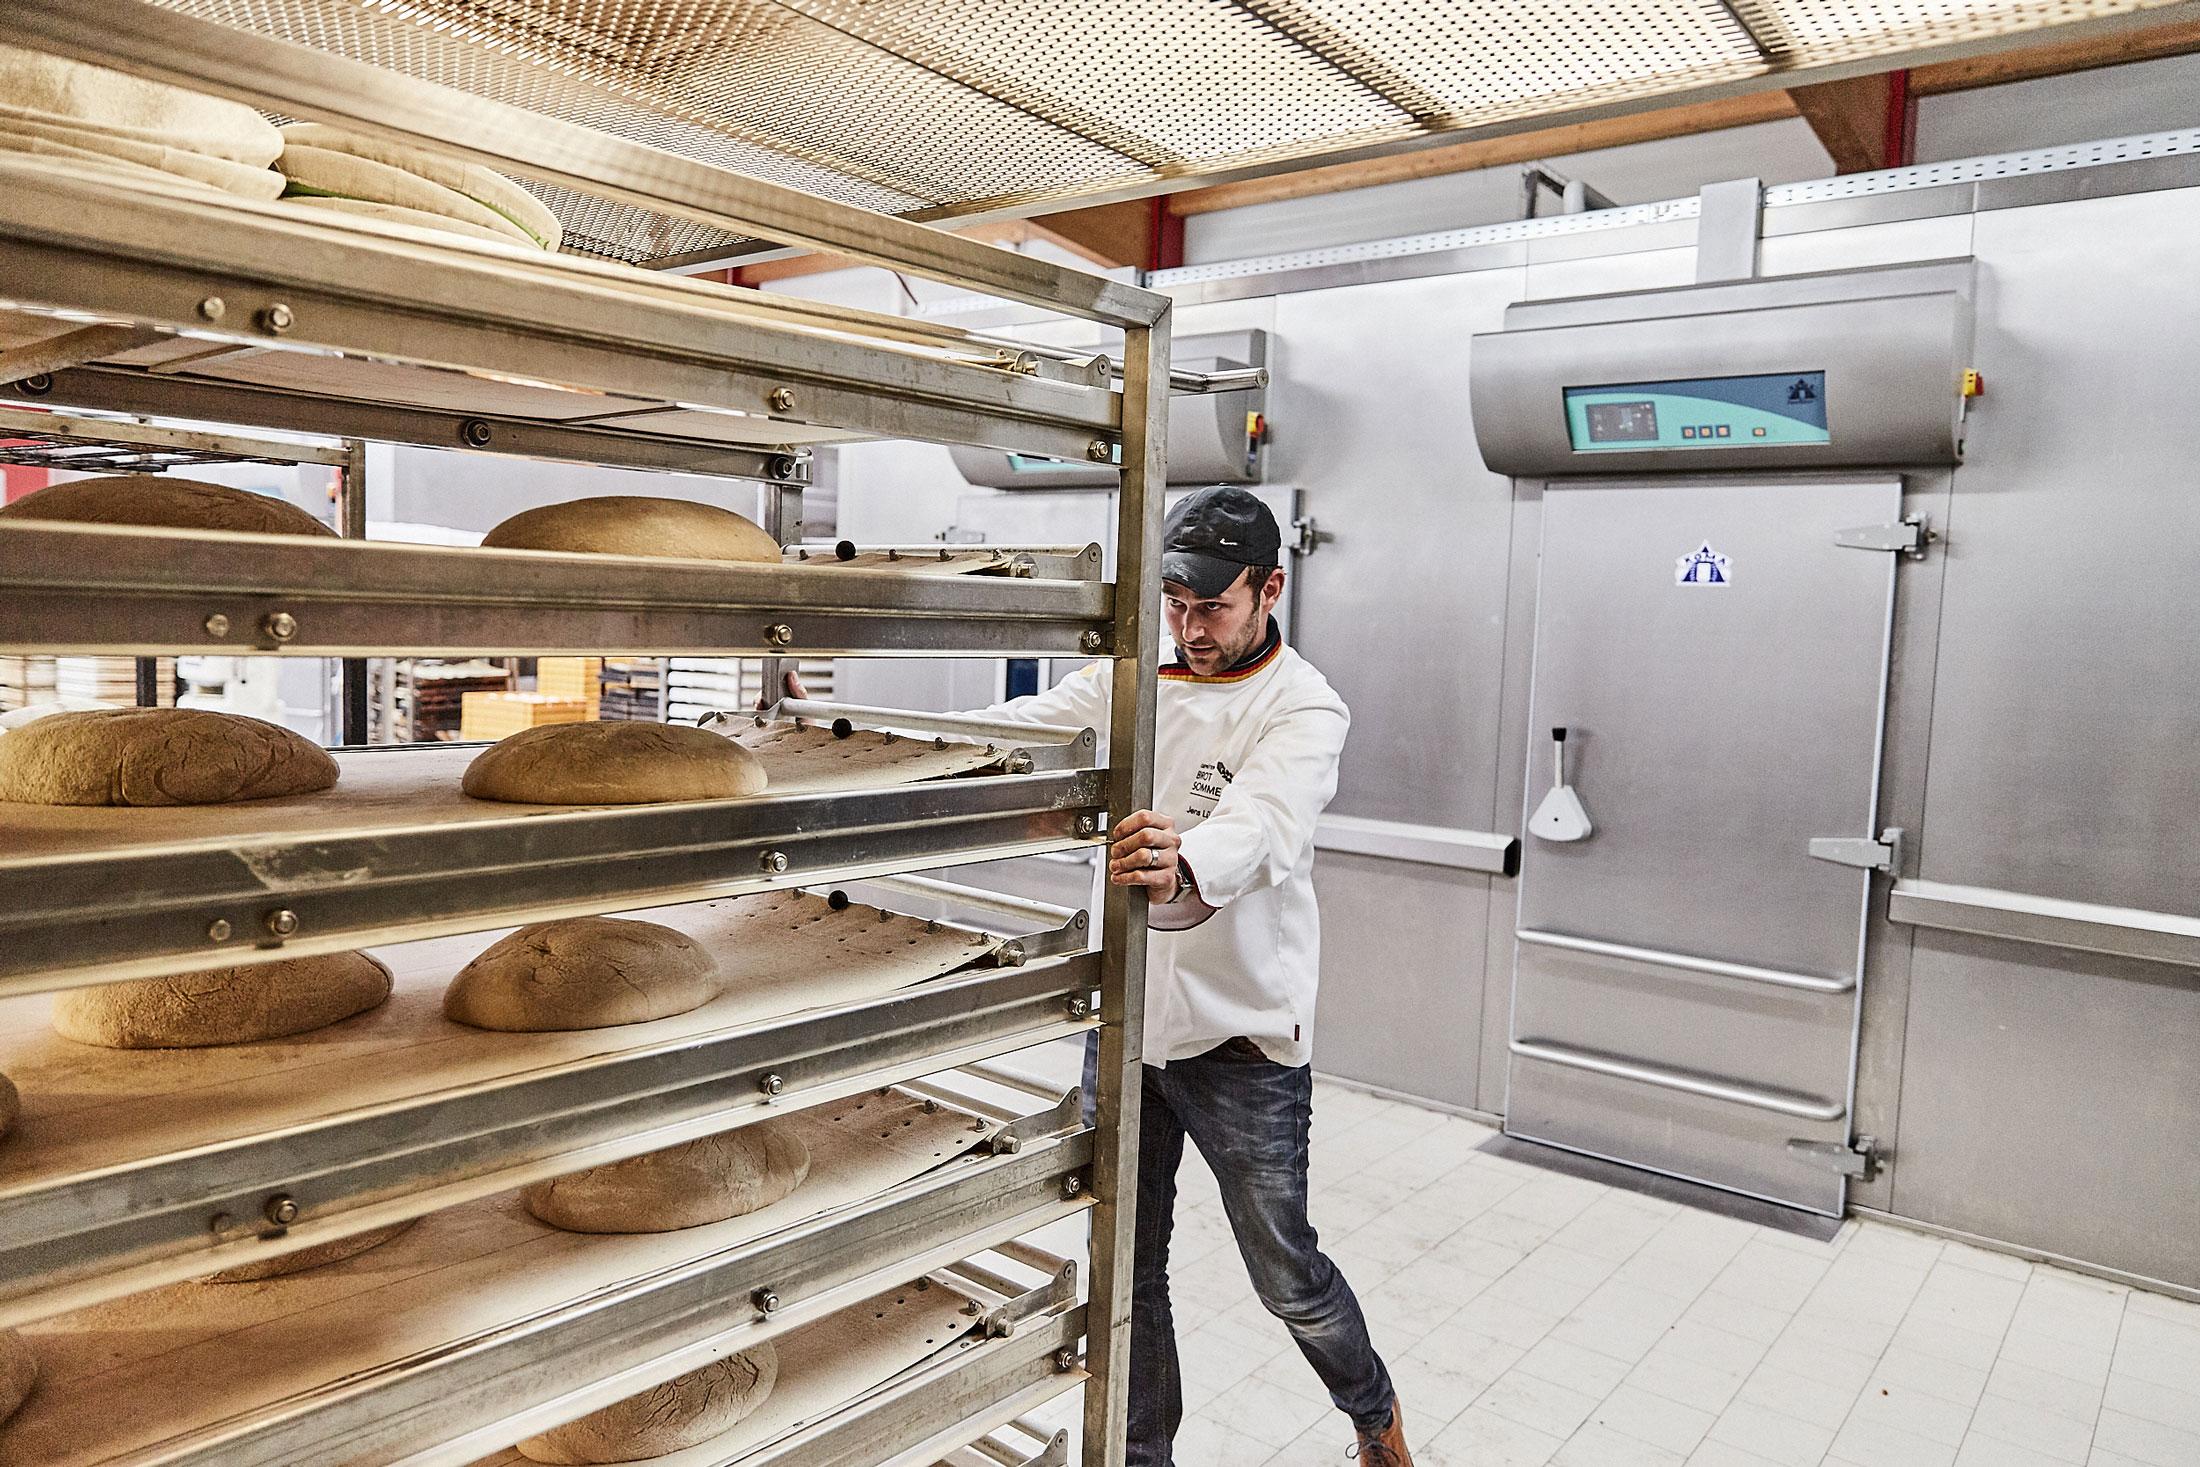 In der Corona-Krise haben Bäcker in wohnortnahen Filialen vielerorts mehr Brot und Backwaren verkaufen können. Die über Monate geschlossenen Cafés sorgten aber unter dem Strich für ein Minus.